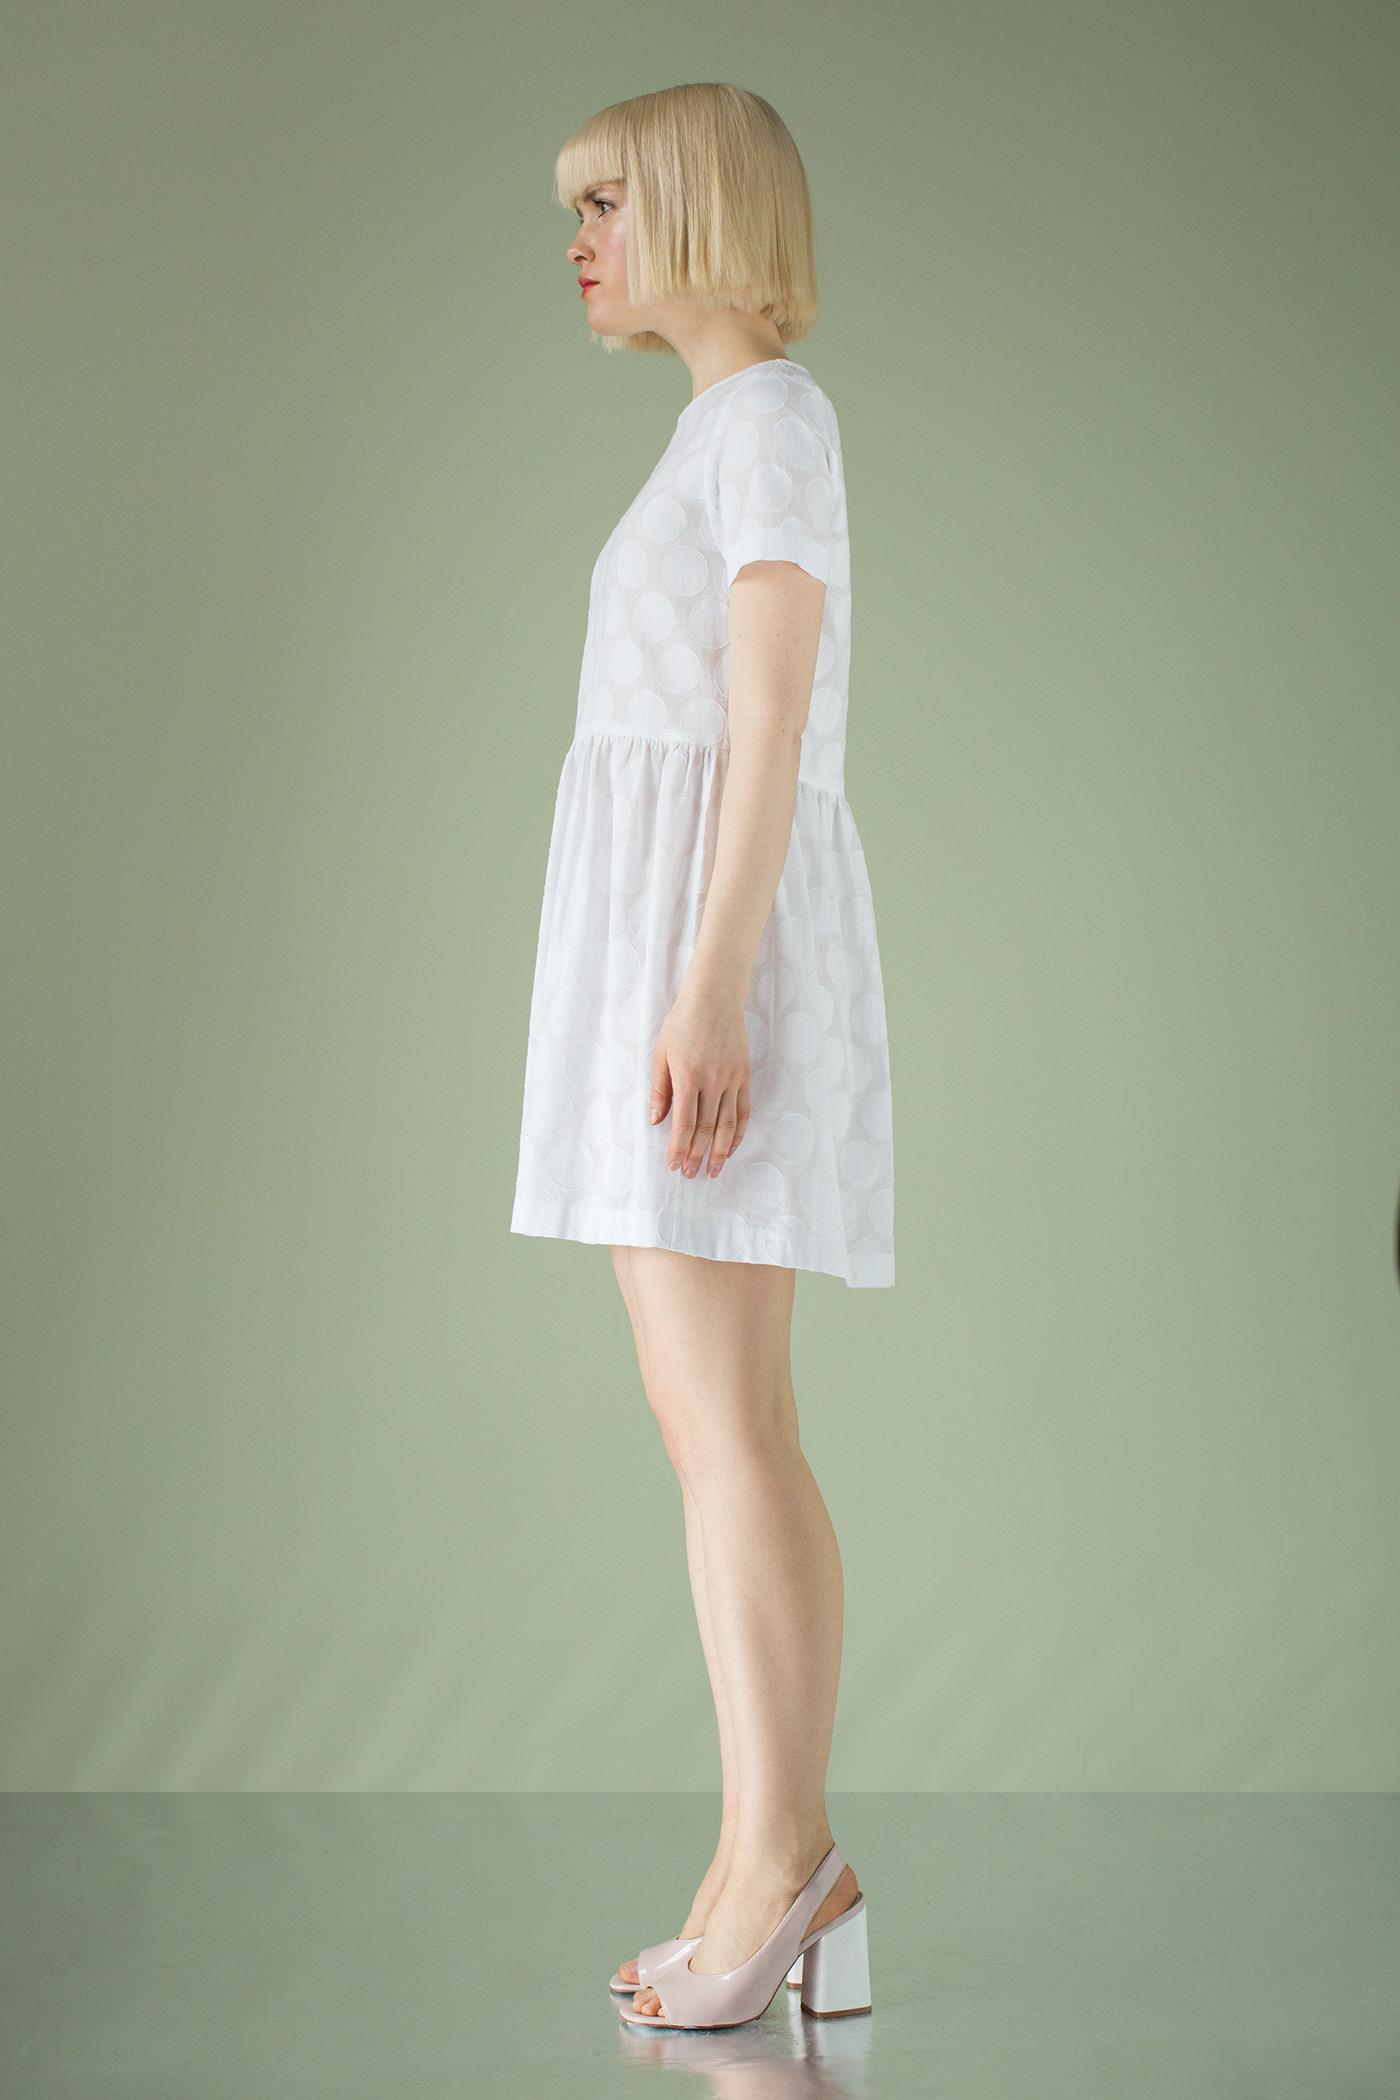 ПлатьеПлатье с завышенной линией талии и отрезной юбкой.&#13;<br>&#13;<br>&#13;<br>короткий рукав&#13;<br>&#13;<br>юбка на сборке по линии талии&#13;<br>&#13;<br>застежка на планку сзади&#13;<br>&#13;<br>свободный силуэт&#13;<br>&#13;<br>&#13;<br> &#13;<br>&#13;<br>Длина изделия – 83 см<br><br>Цвет: Белый<br>Размер: XS, S, M